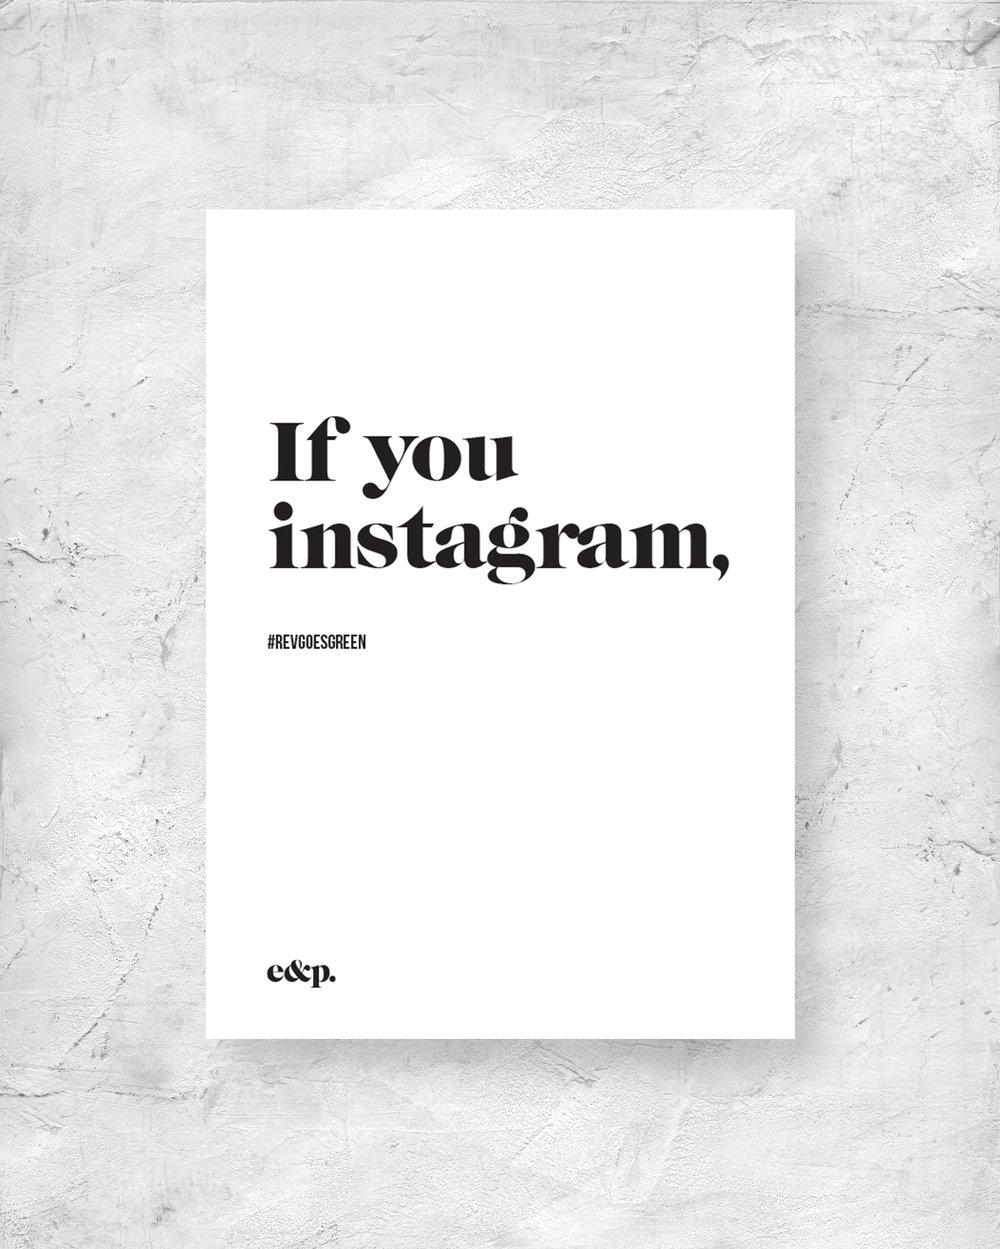 Instagram Signage